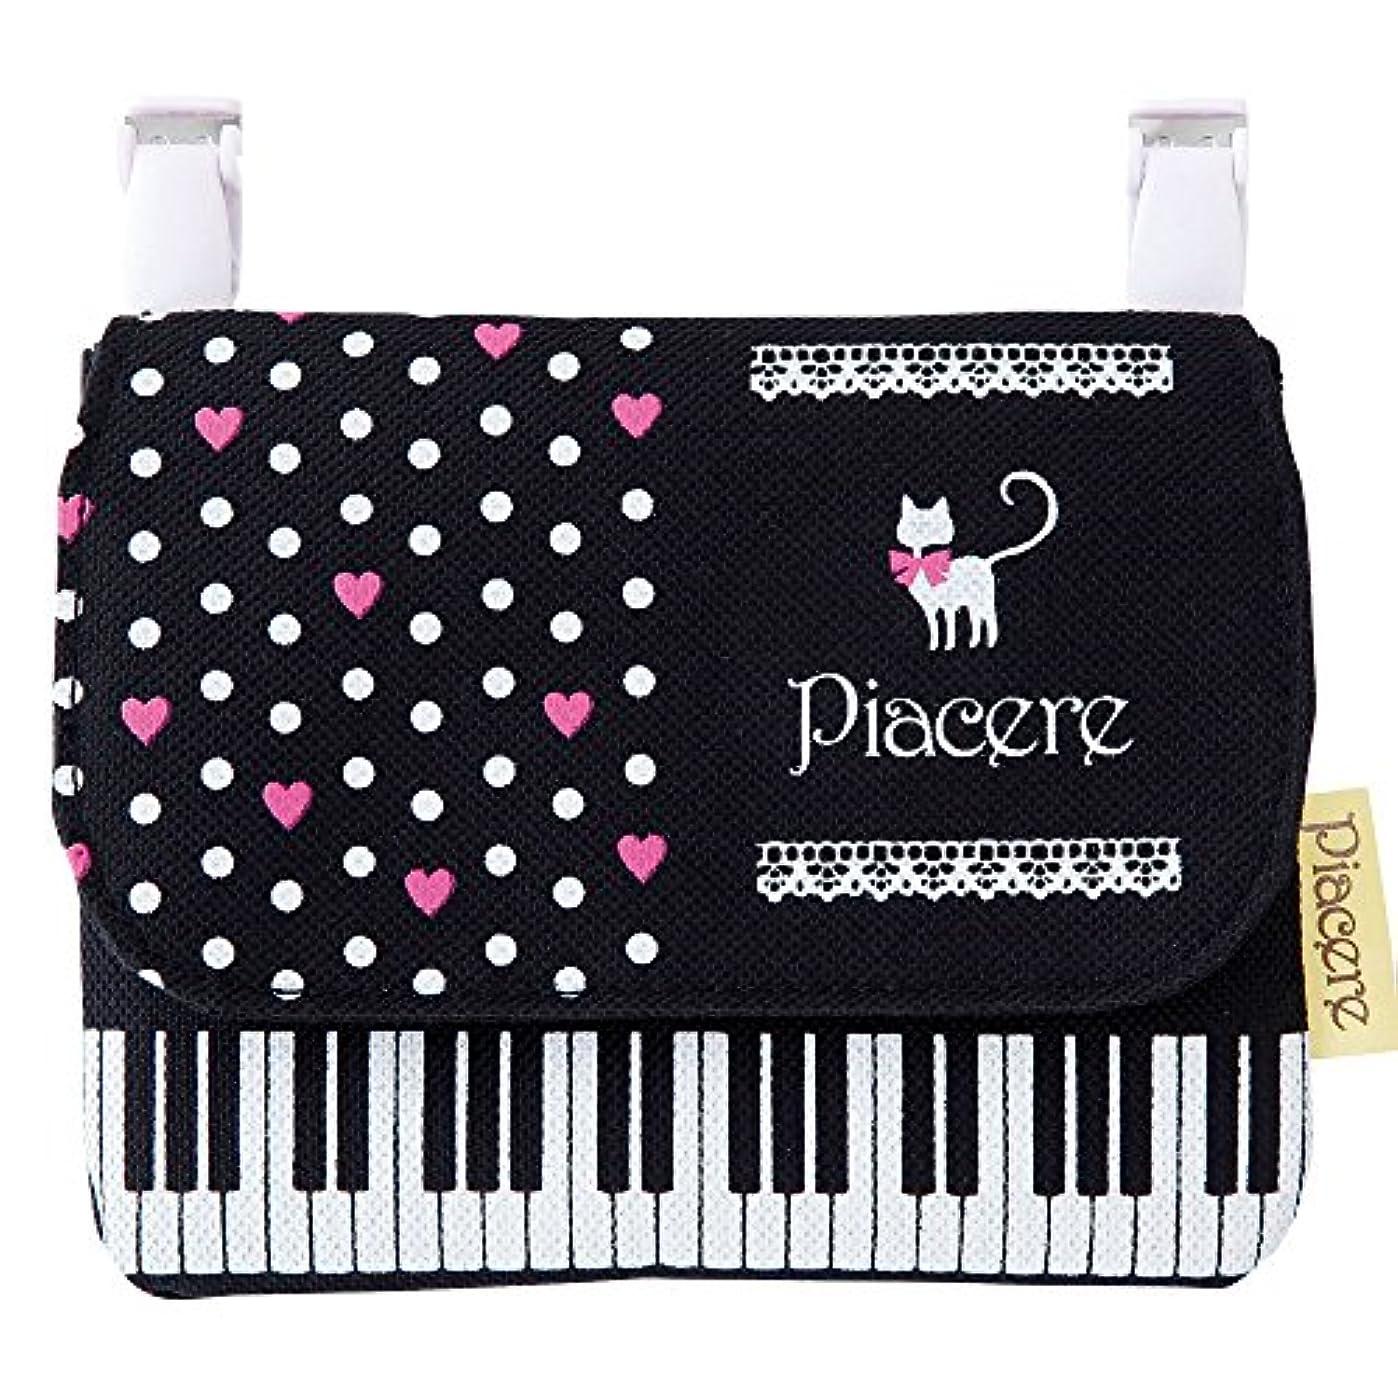 作業ピンク温度ピアチェーレ ポケットポーチ(猫&鍵盤柄) ポケットティッシュケース付き移動ポケット 音楽モチーフ